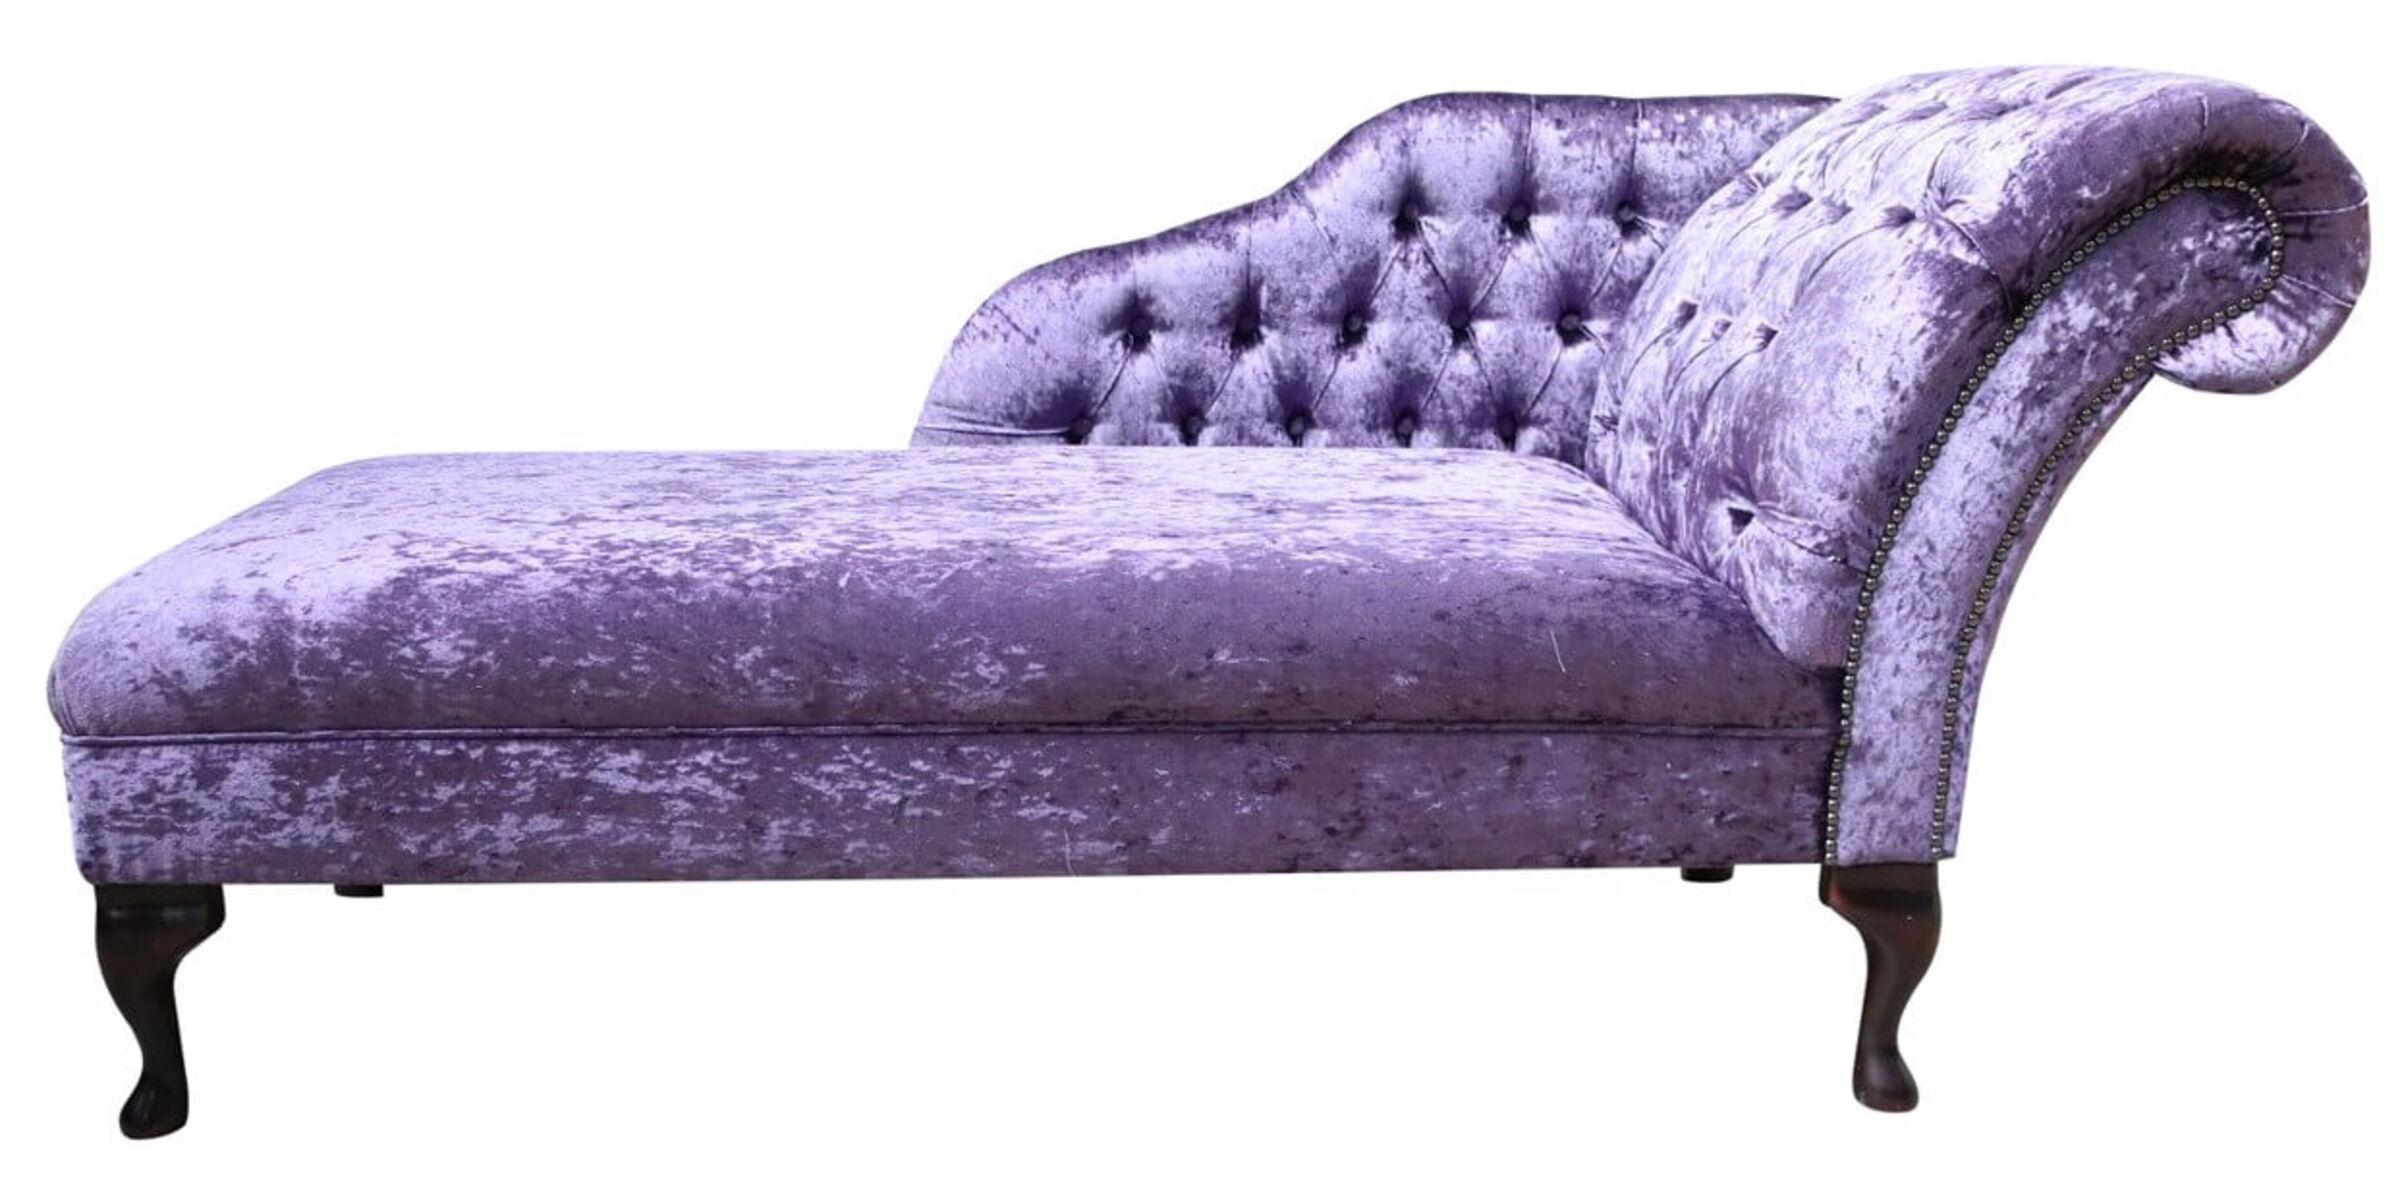 Chesterfield Chaise Lounge Day Bed Shimmer Grape Velvet